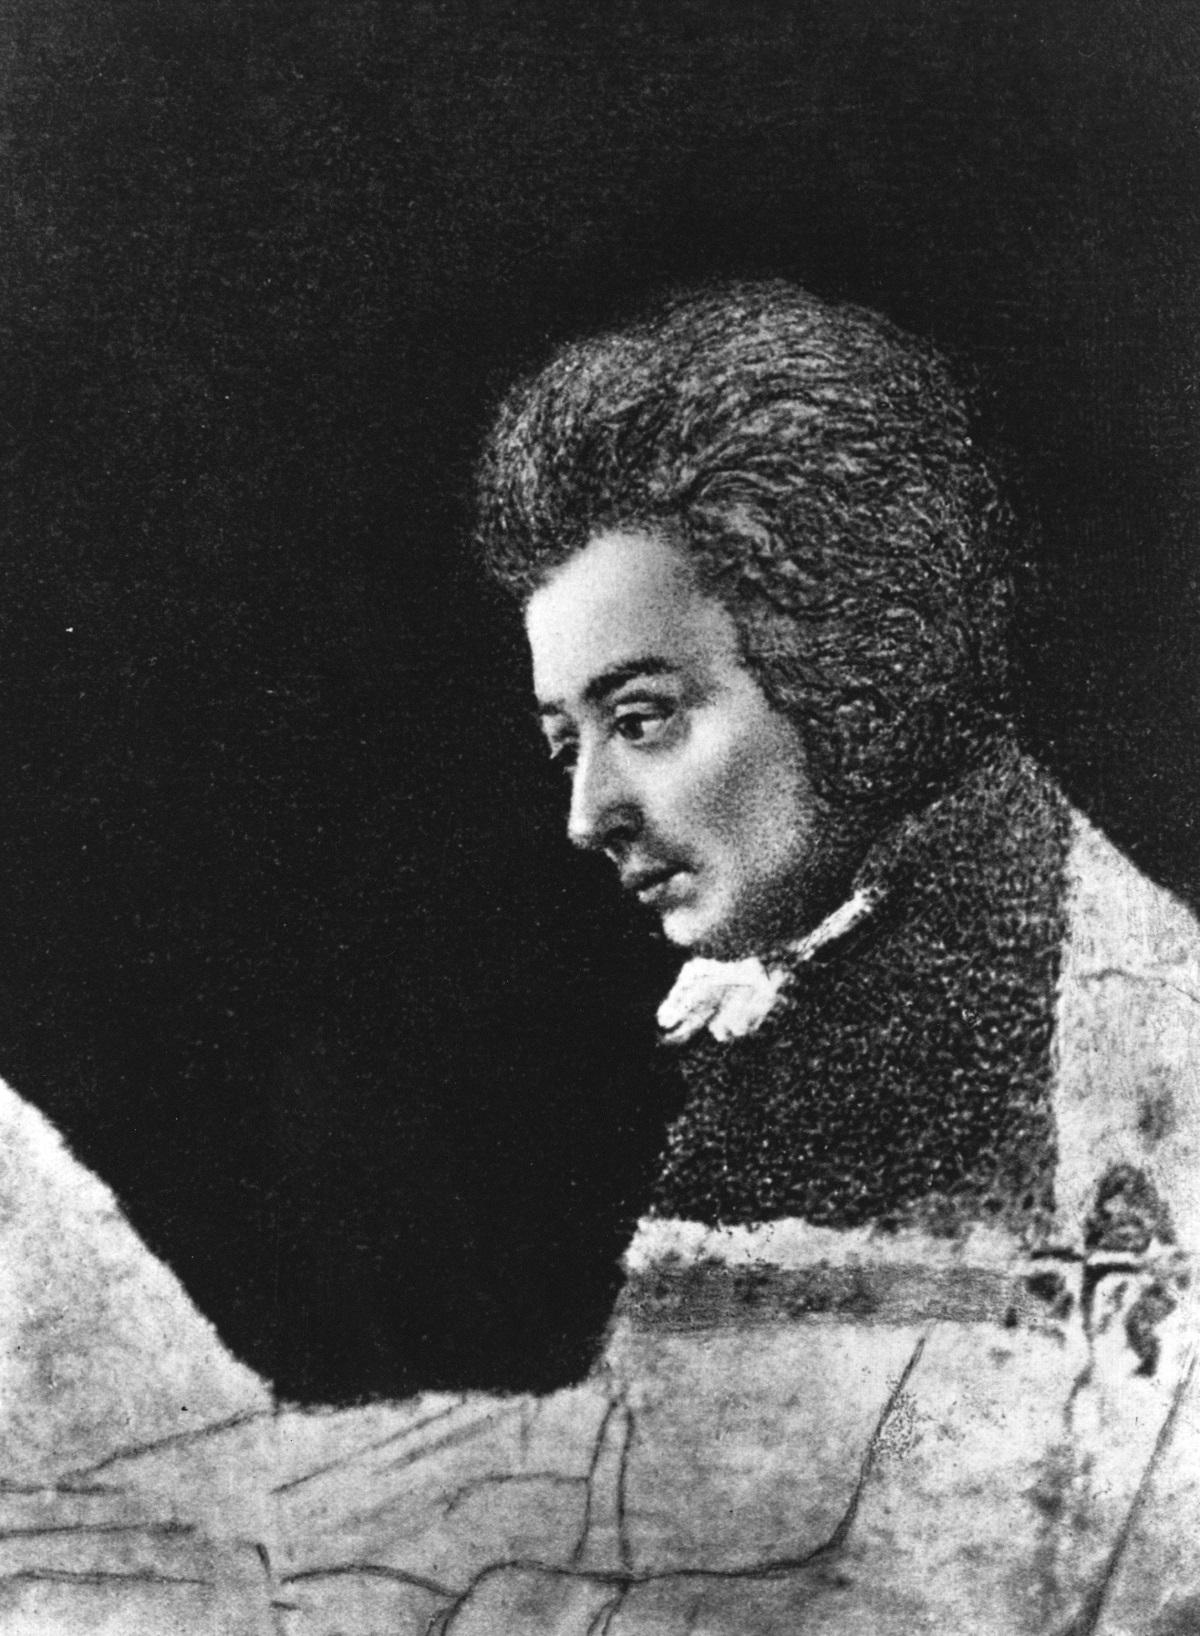 """Волфганг Амадеус Моцарт влиза в масонска ложа по време на виенския си период (1781-1791). Особено във """"Вълшебната флейта"""" откриваме много от идеите на масонството, а либретист на операта е Емануел Шиканедер - близък приятел на Моцарт и негов брат в масонската ложа. Великият композитор дори посвещава на масонството цял цикъл от песни."""